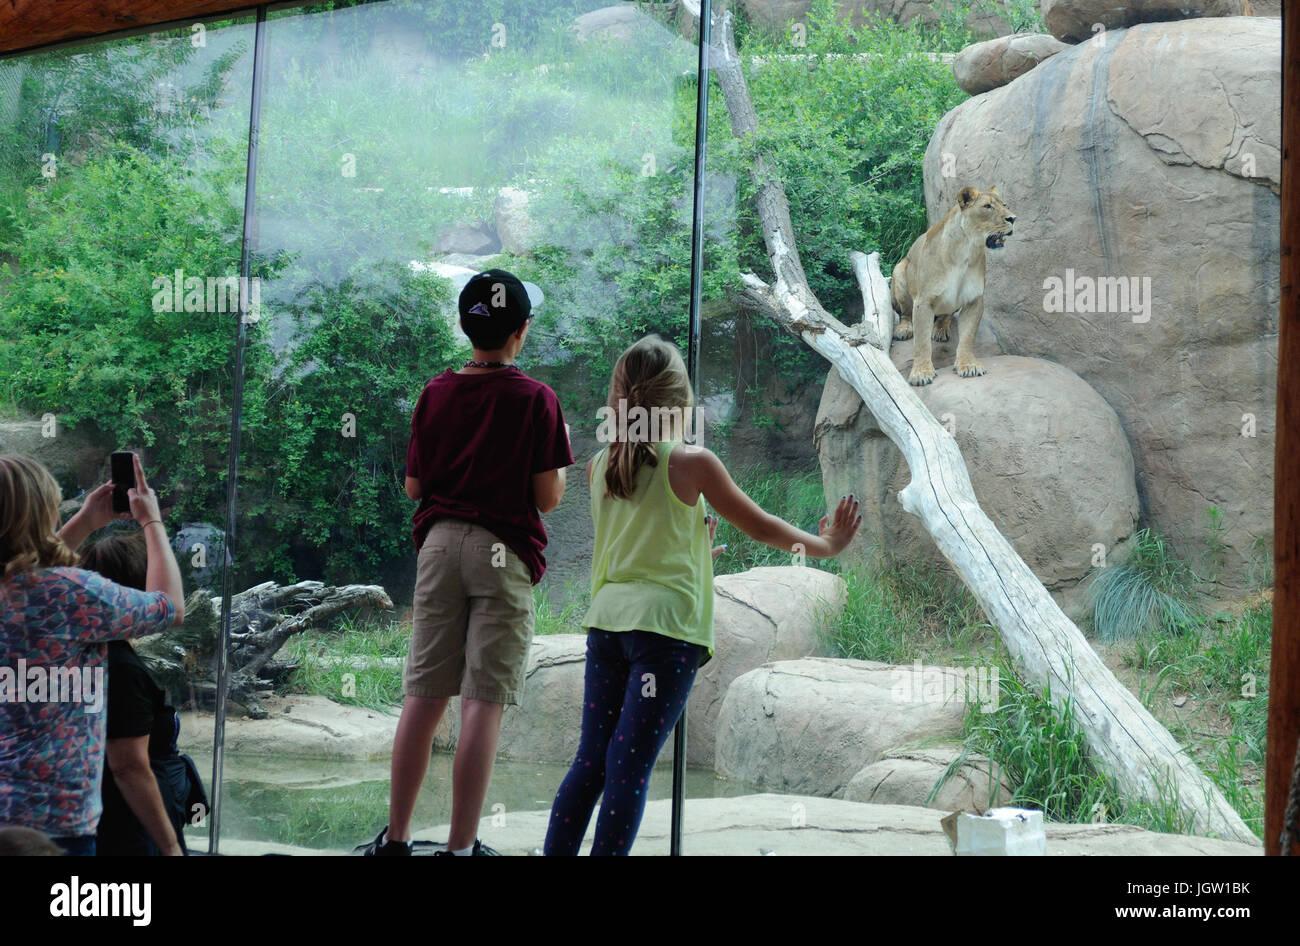 Zoológico de Colorado Springs, EE.UU. Foto de stock